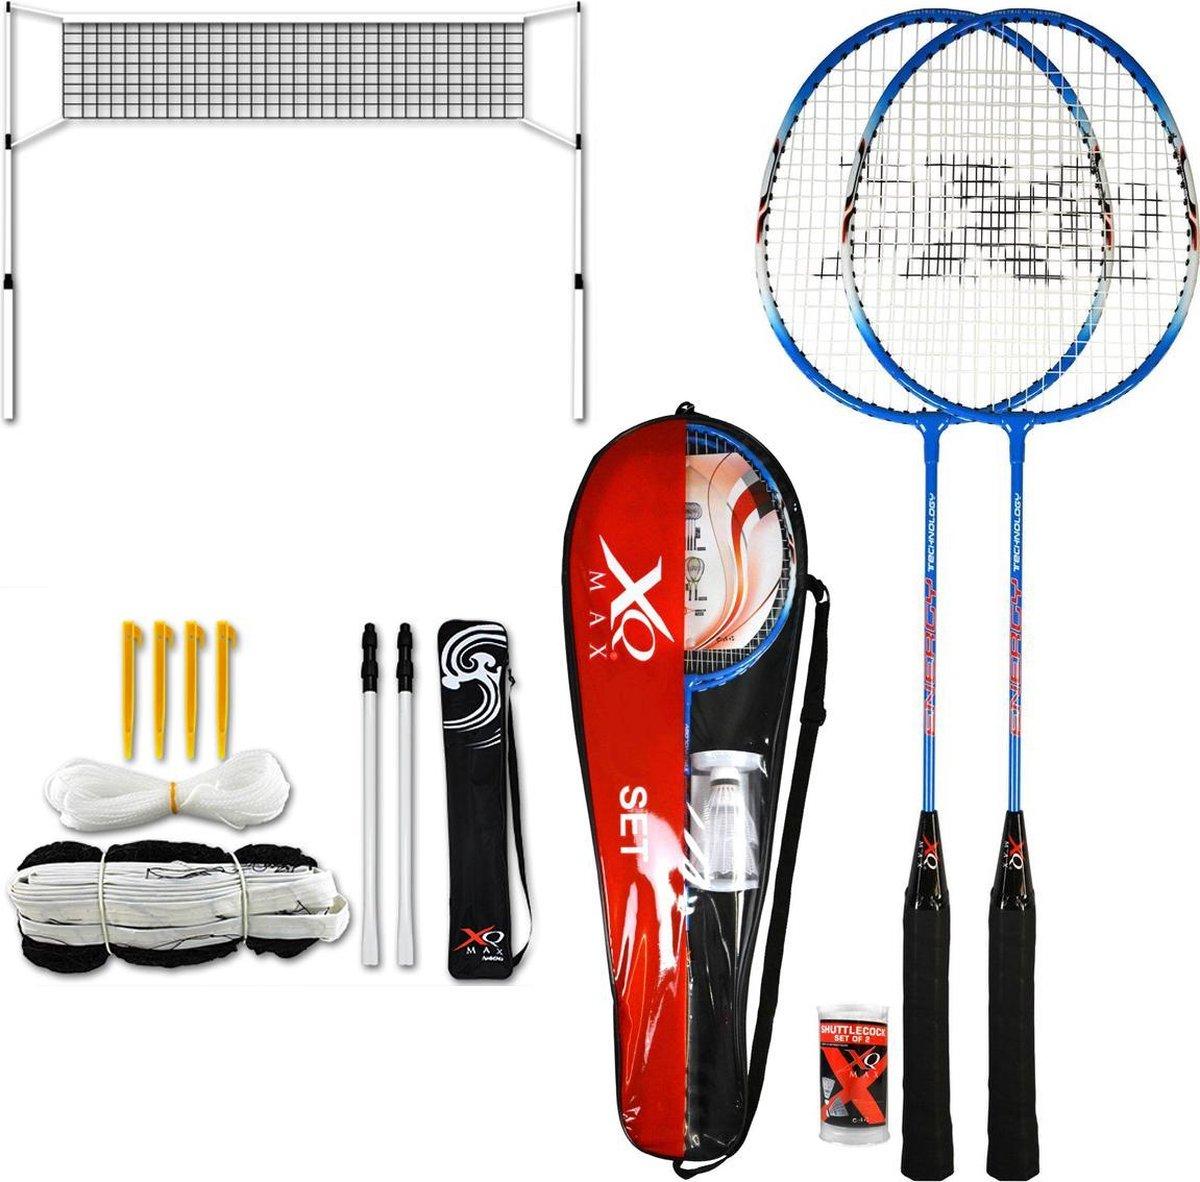 badmintonset - inclusief 2 - badminton rackets - en een - badminton net - en accessoires - shuttles - badminton set